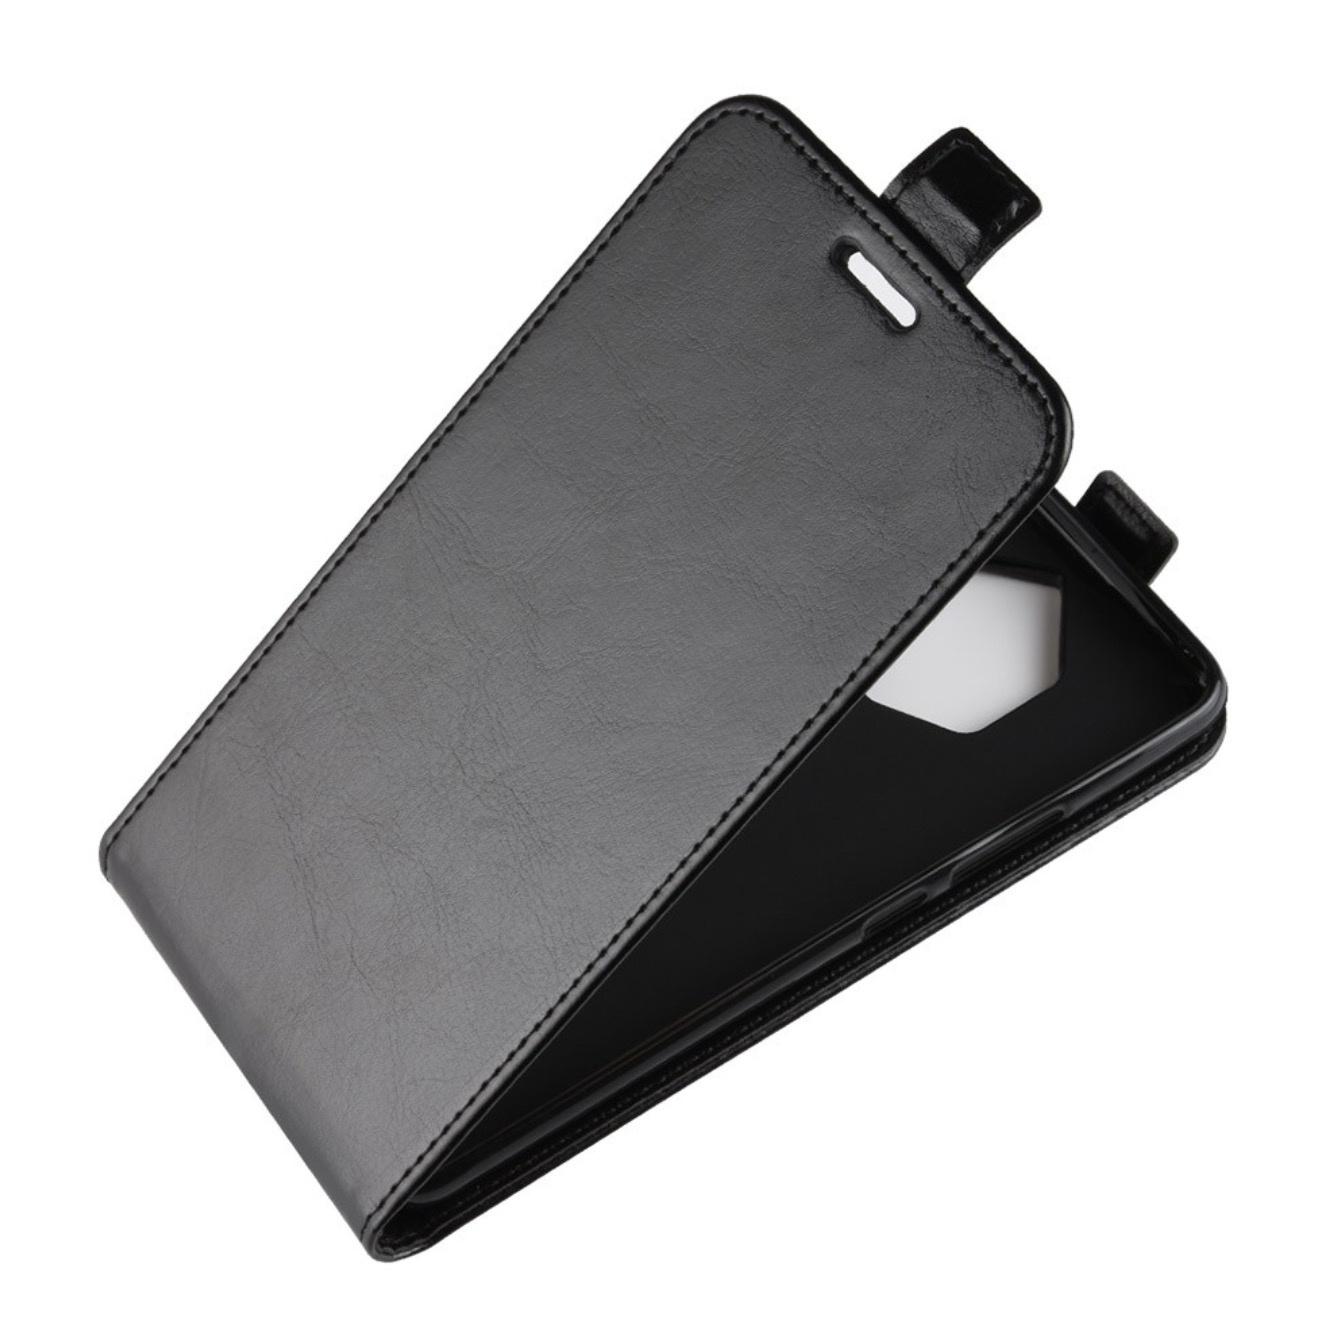 Чехол-флип MyPads для HTC Desire 400 Dual Sim вертикальный откидной черный